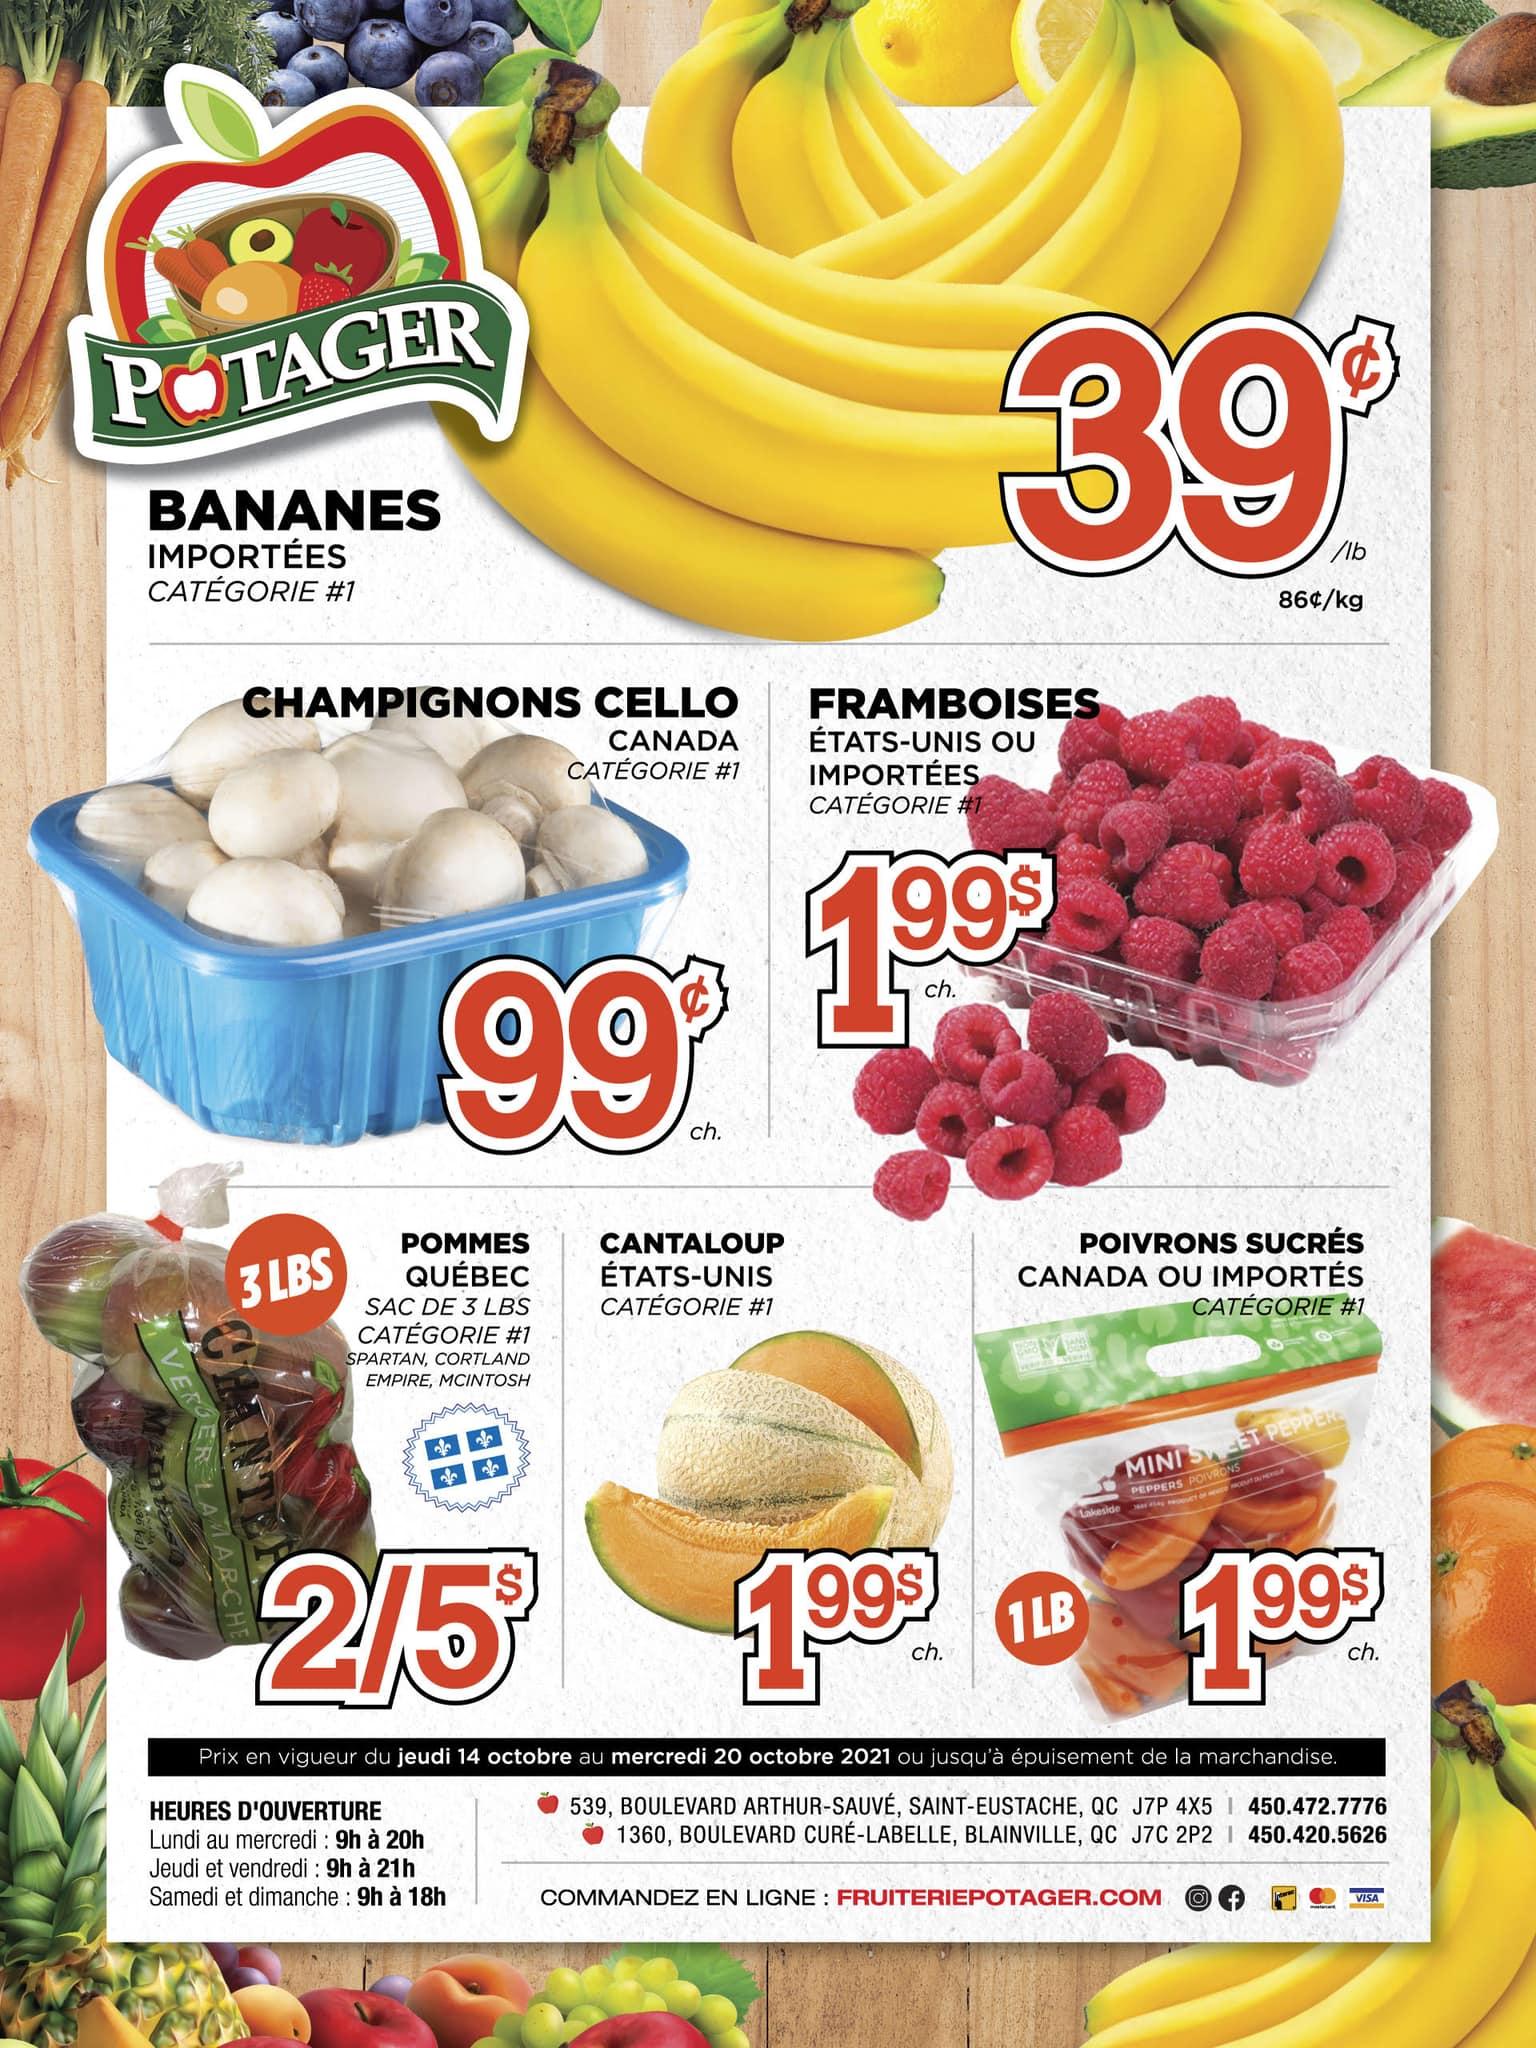 Circulaire Fruiterie Potager Saint-Eustache / Blainville du 14 au 20 octobre 2021 - Page 1